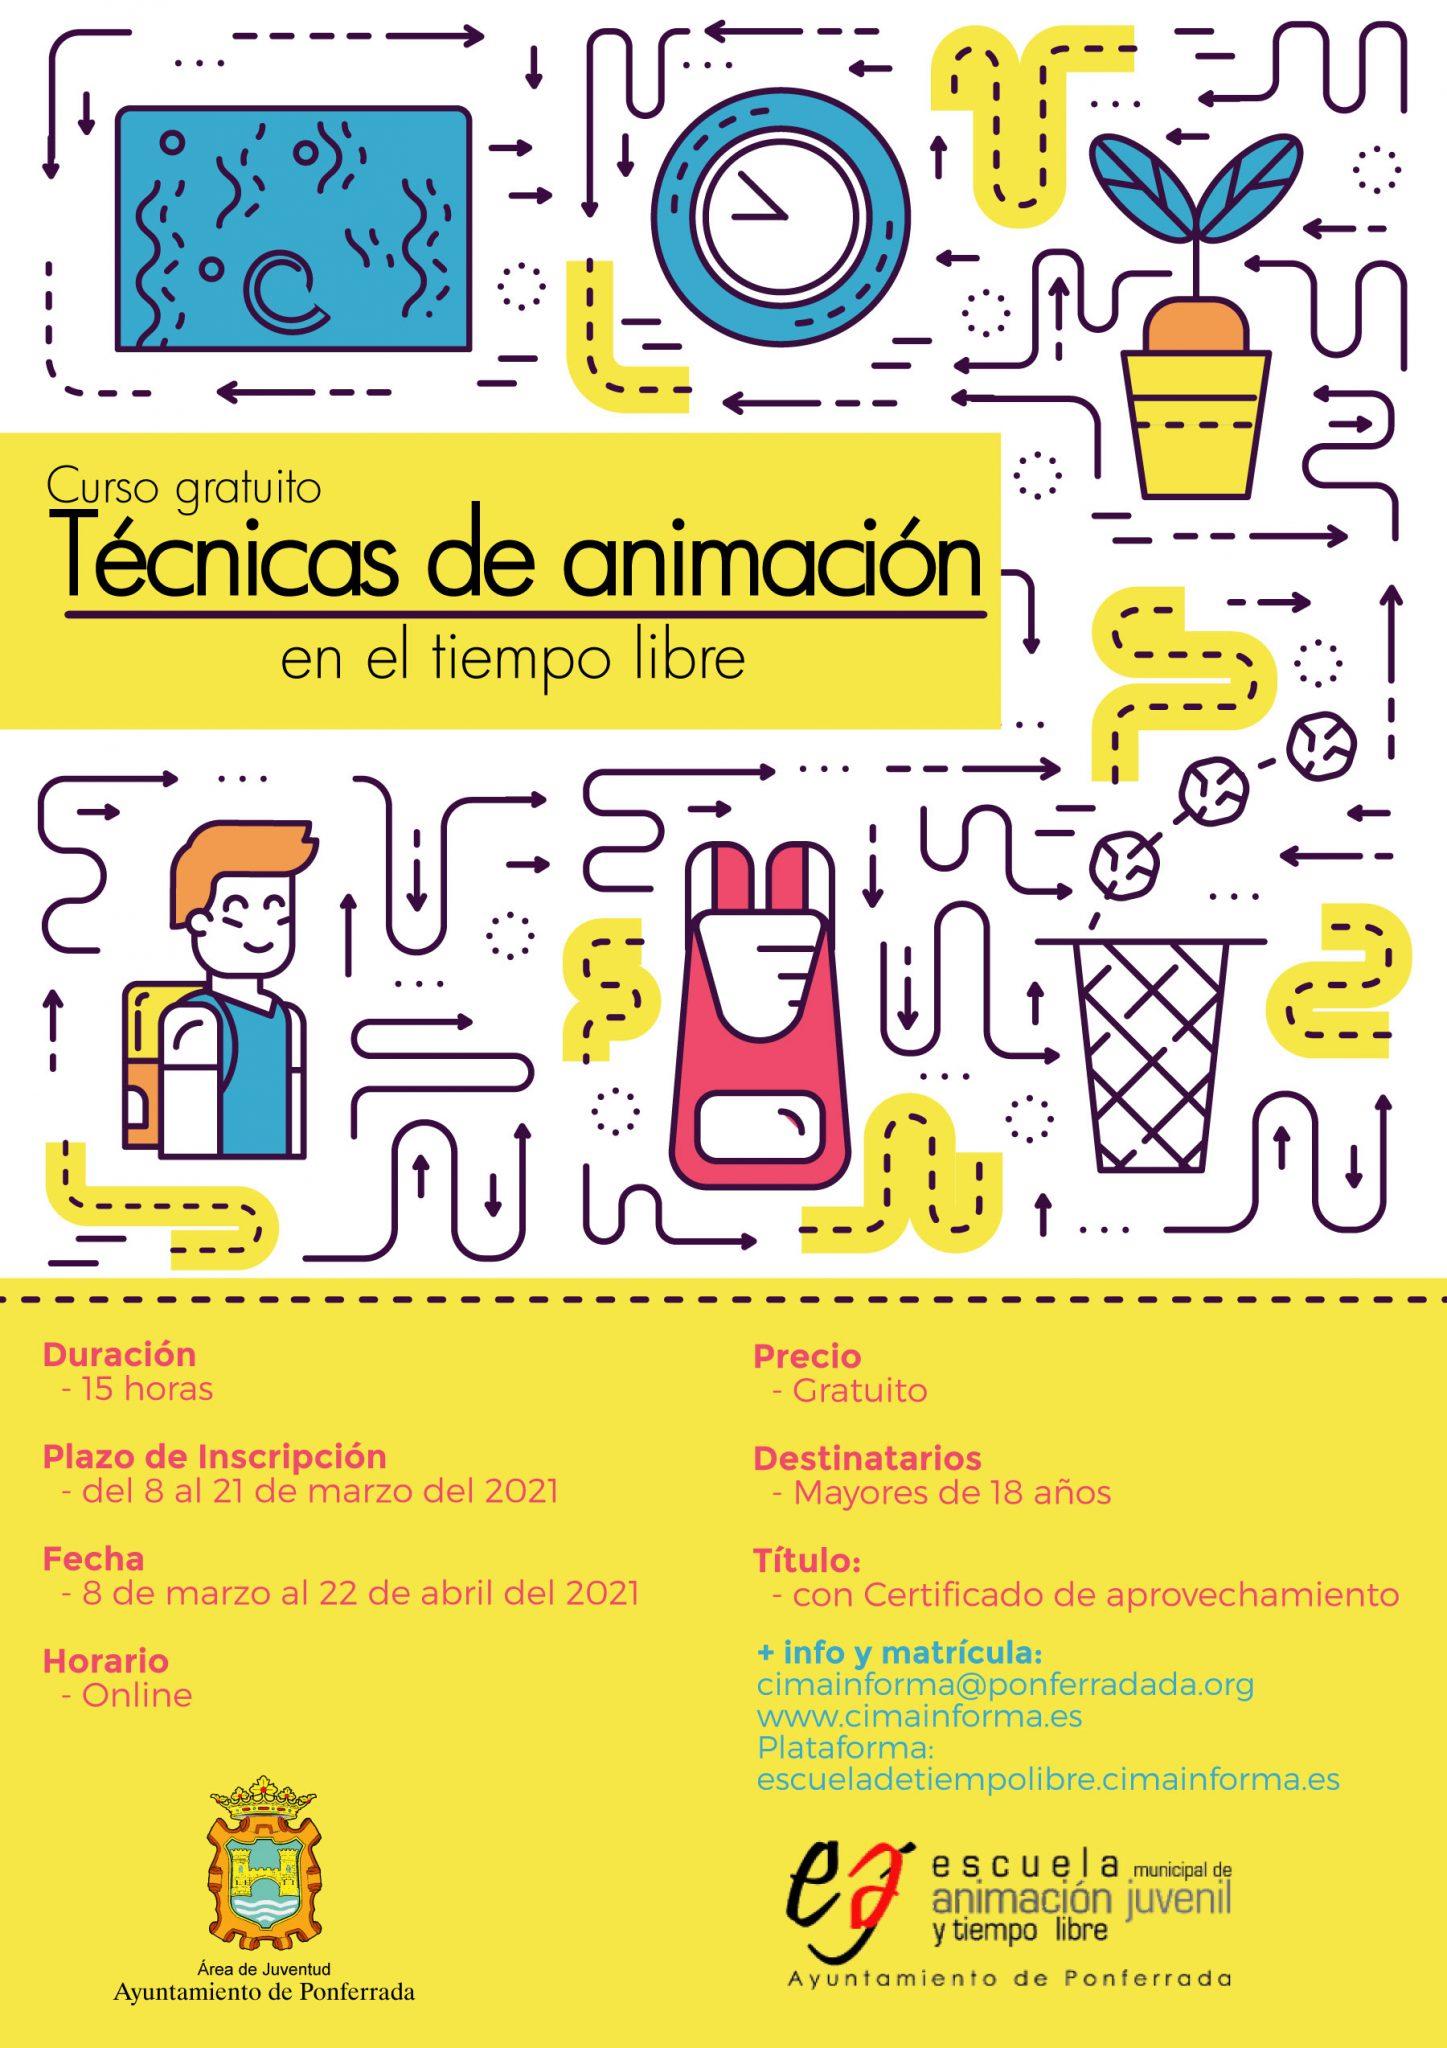 Curso de técnicas de animación en el Tiempo Libre organizado por el Ayuntamiento de Ponferrada 2